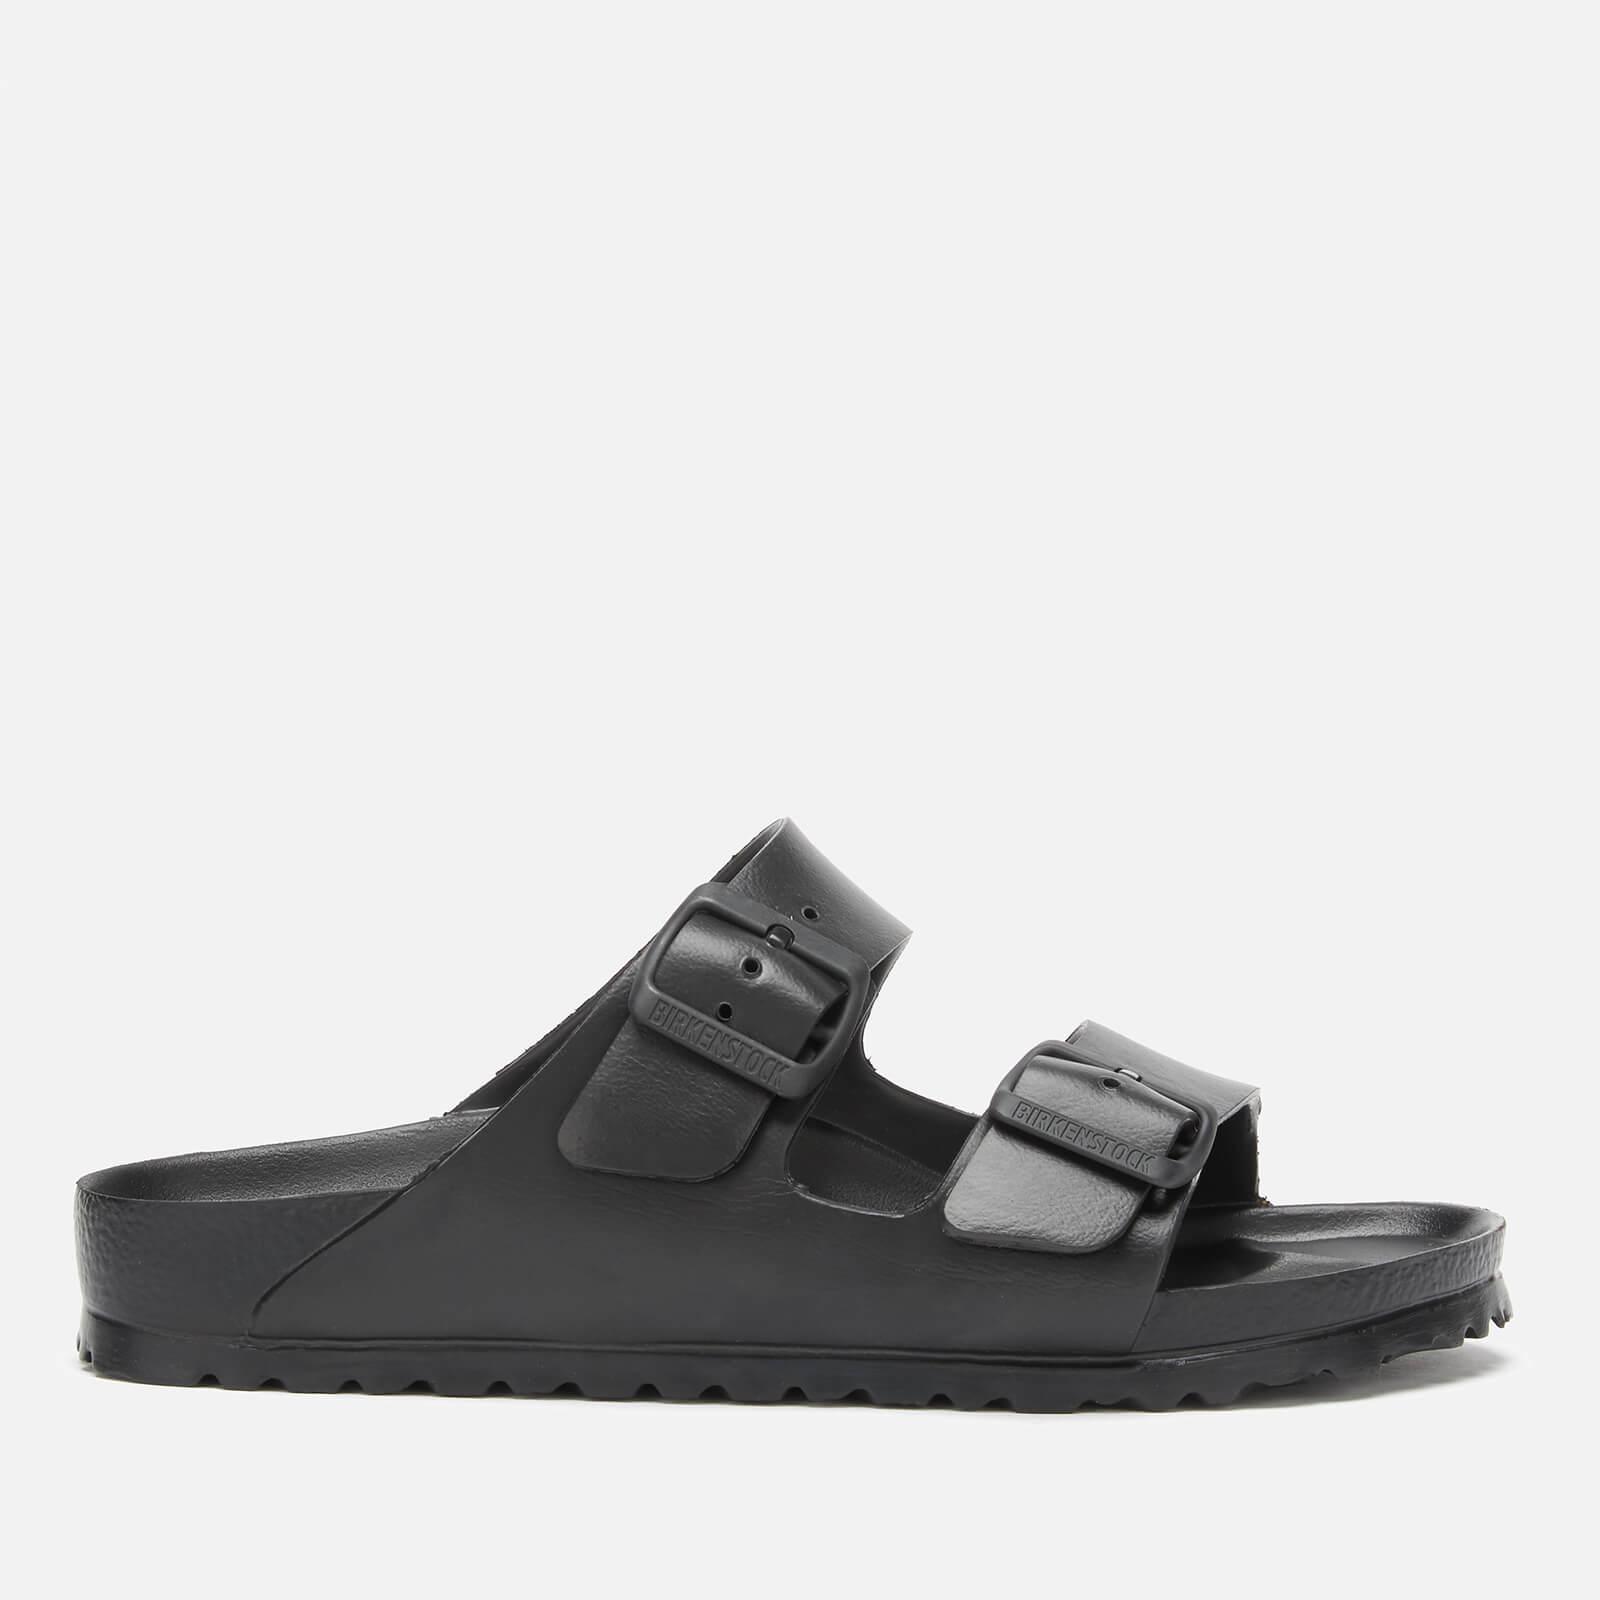 Birkenstock Women's Arizona Eva Double Strap Sandals - Black - EU 41/UK 7.5